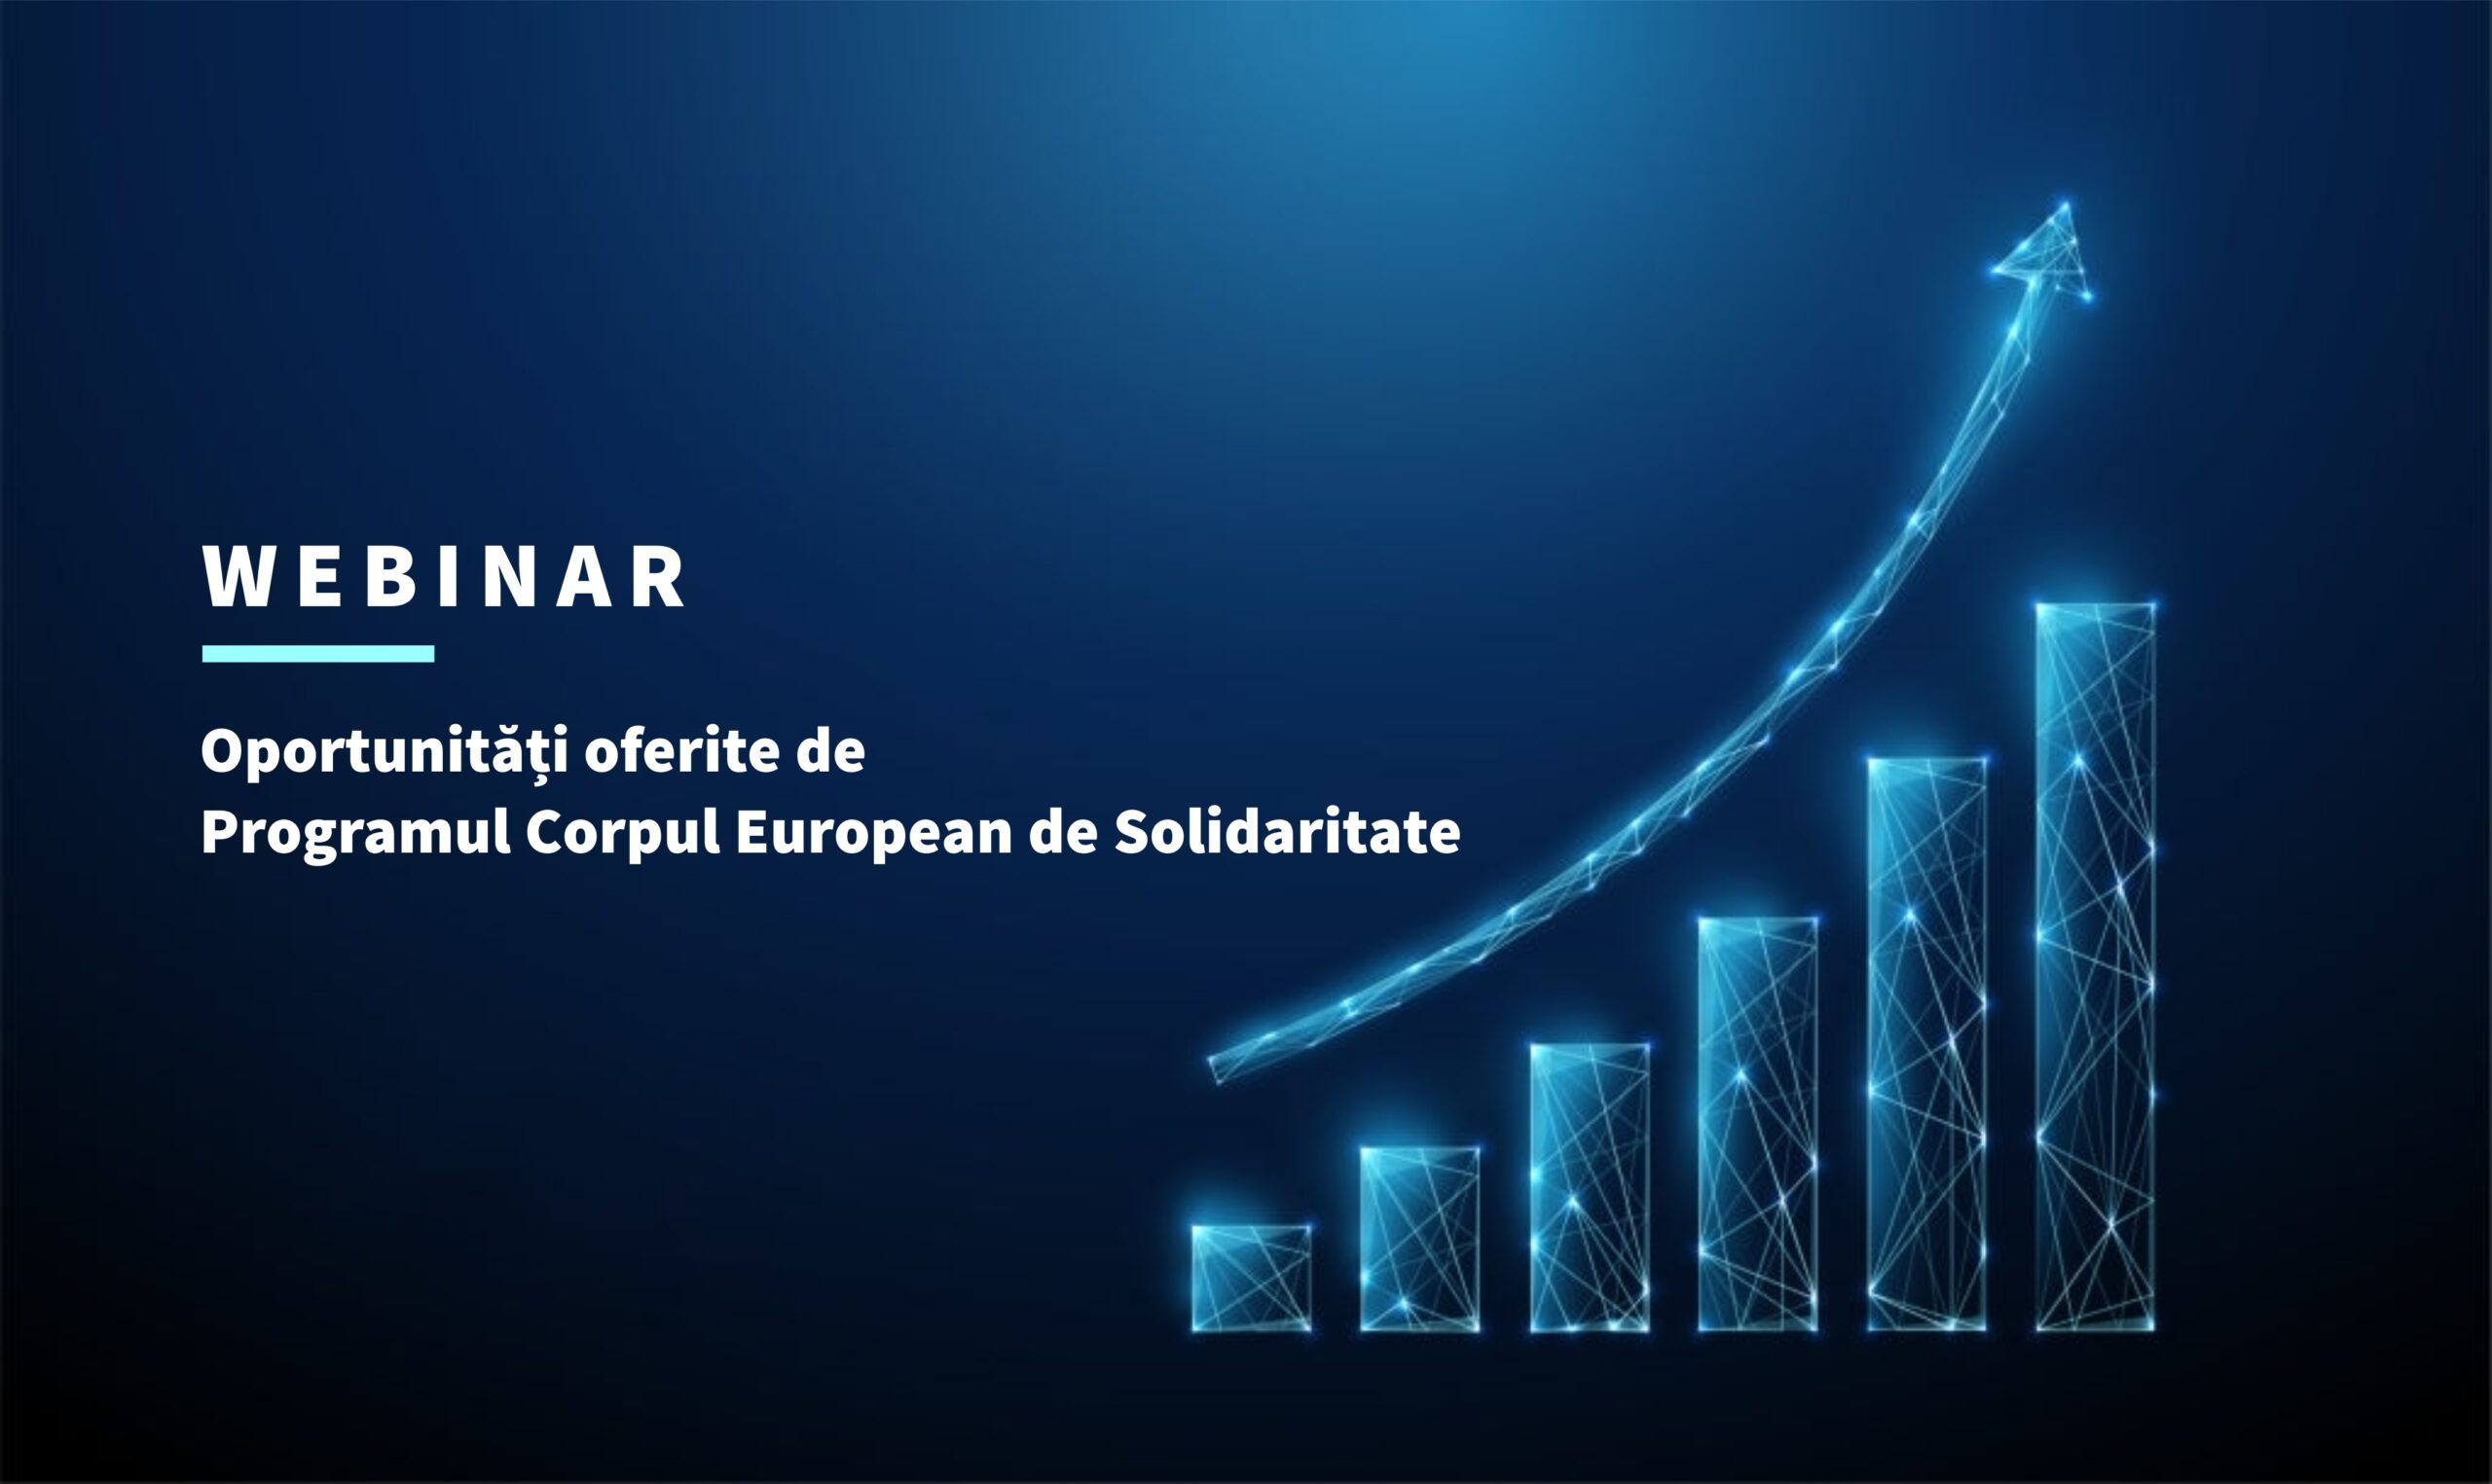 You are currently viewing Oportunități oferite de Programul Corpul European de Solidaritate (webinar)